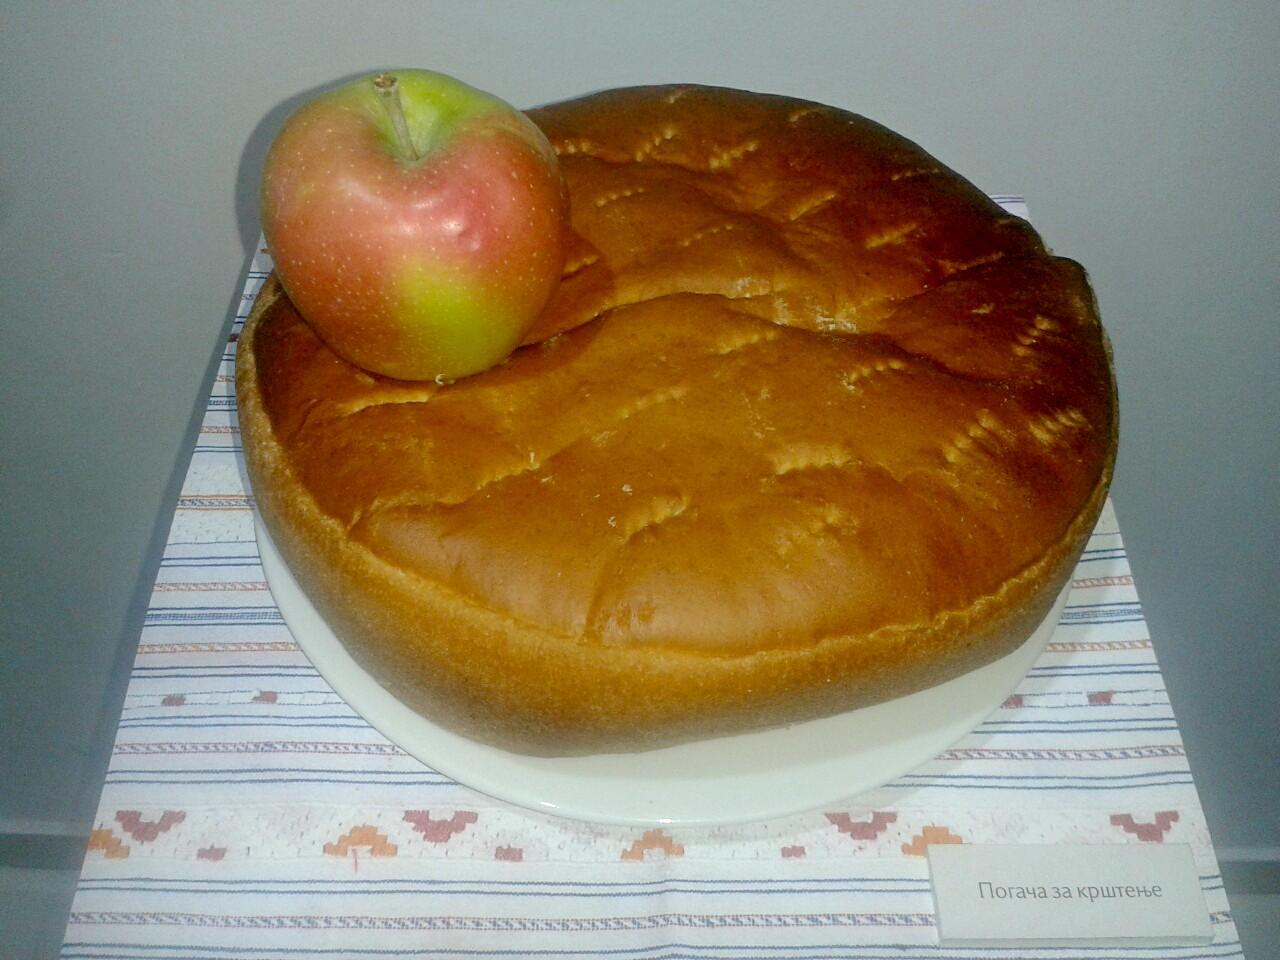 Pečenje i izrada hleba